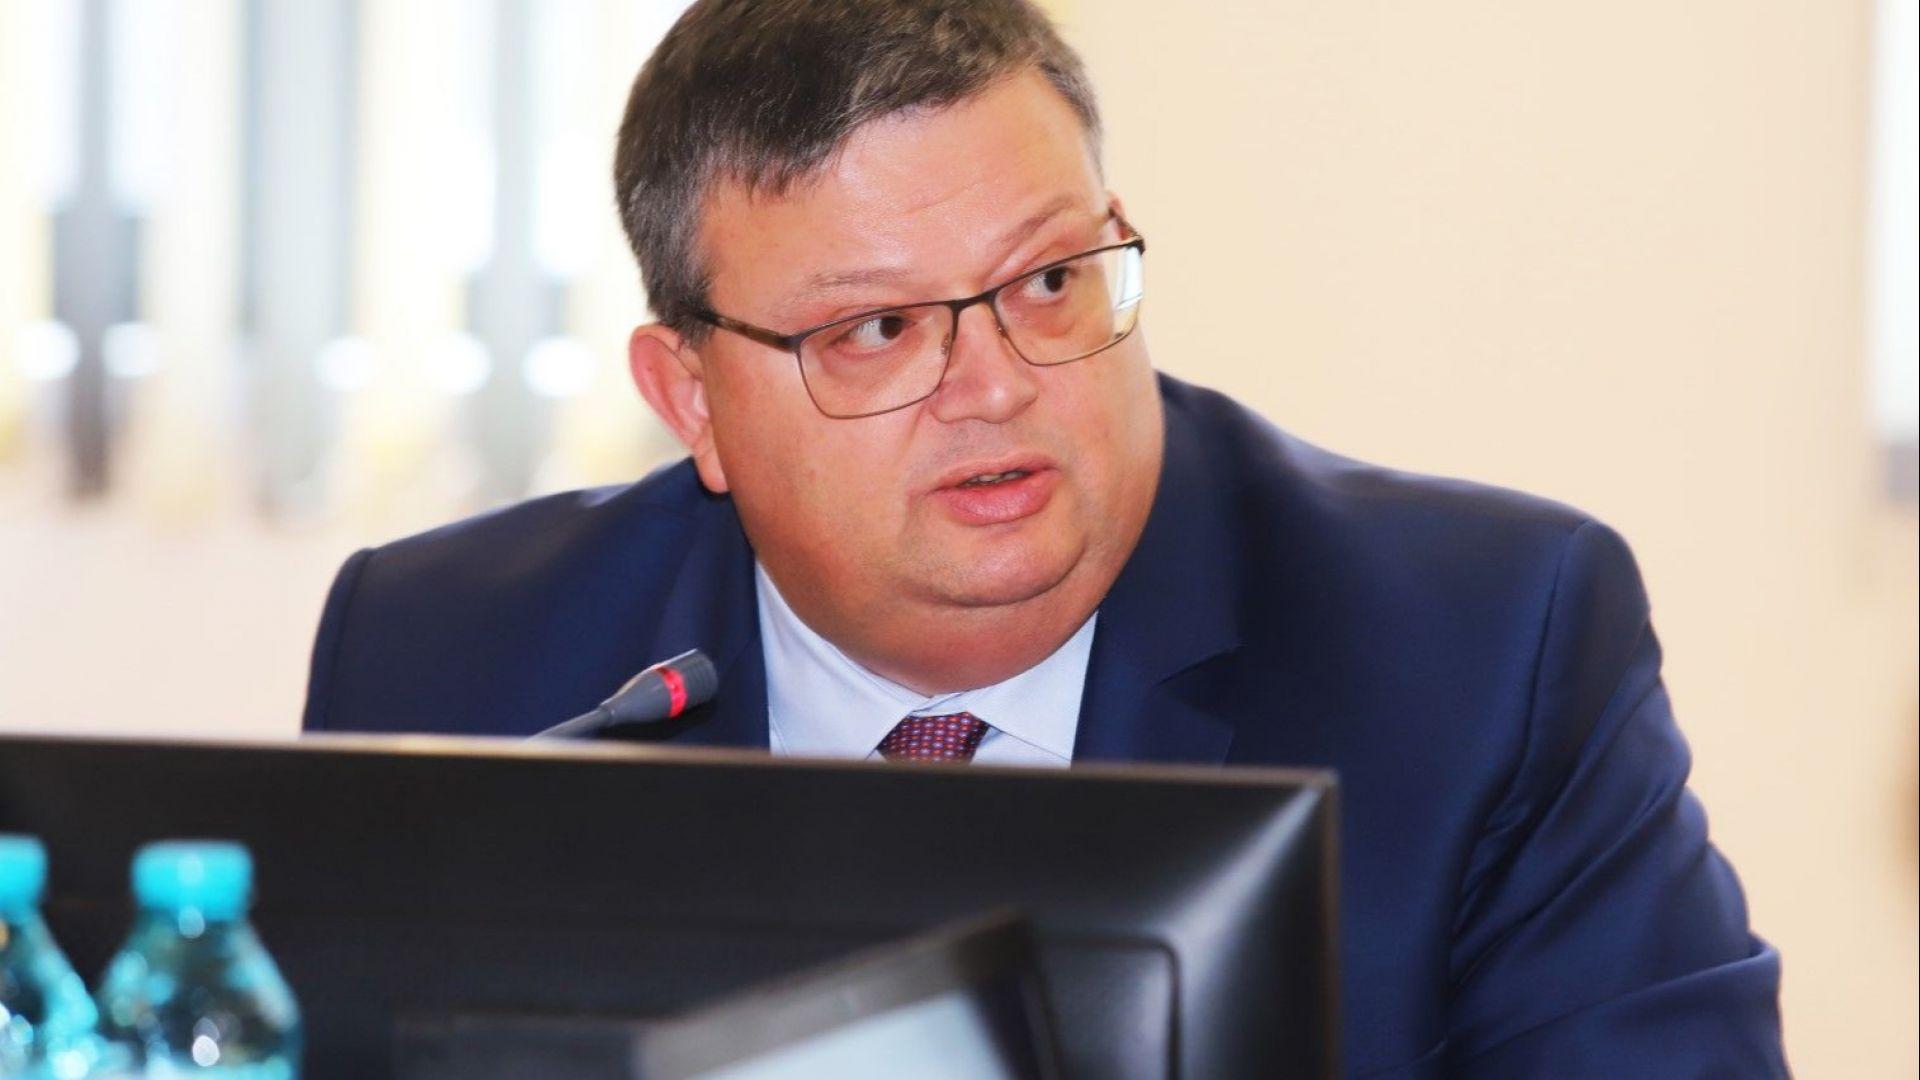 Цацаров: Атаката при убийството в Русе не бе случайна, а по сценарий